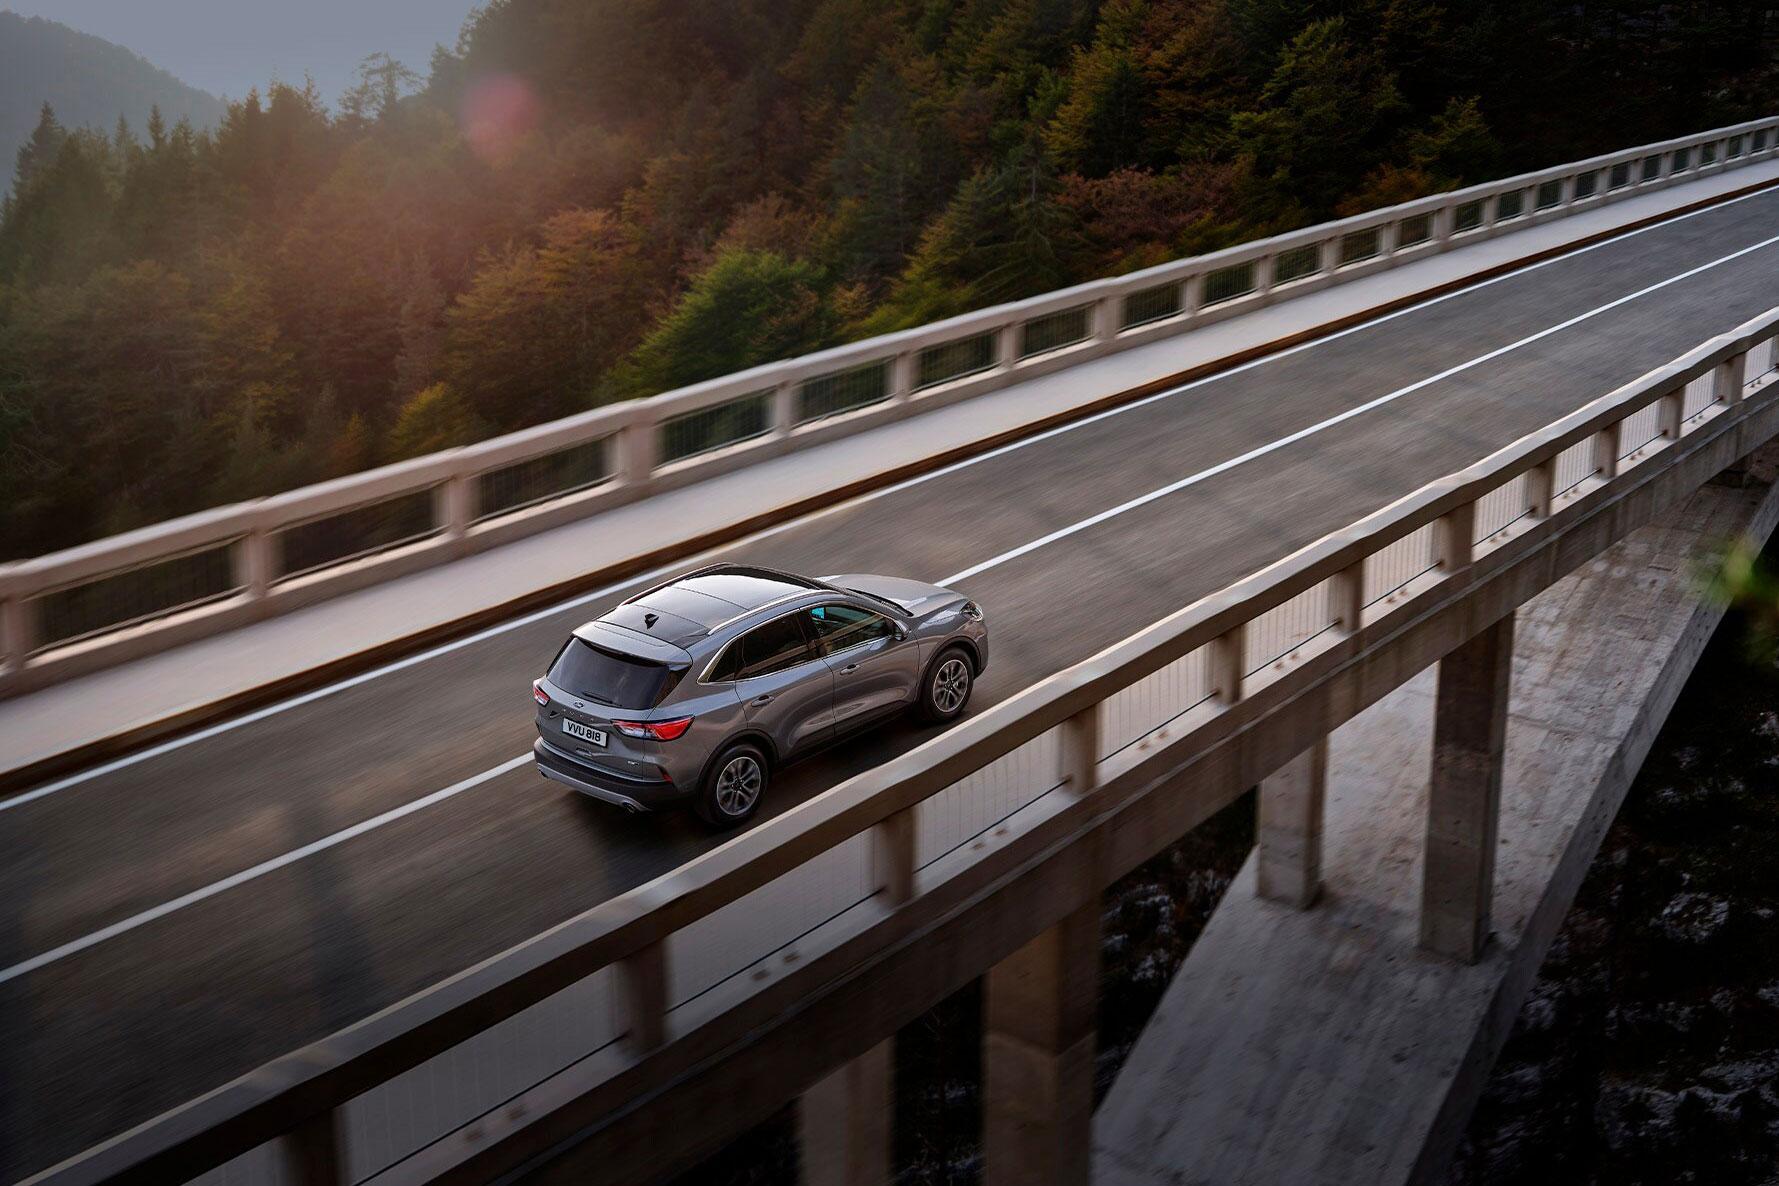 Ford Kuga over bro